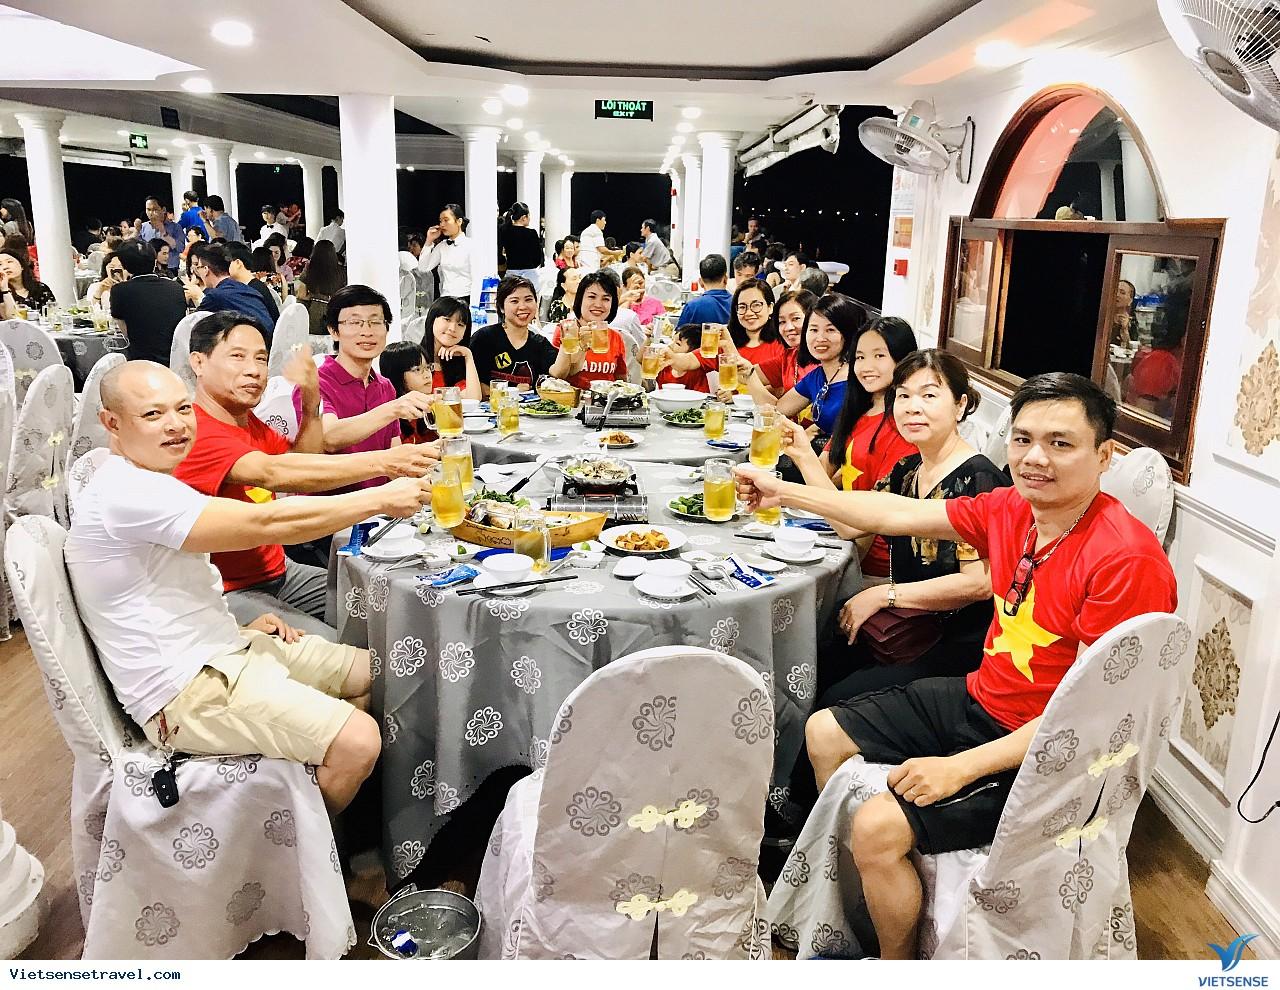 Tour du lịch Hà Nội - Miền Tây 4 ngày 3 đêm: Cần Thơ - Sóc Trăng - Bạc Liêu - Cà Mau - Châu Đốc - Ảnh 7